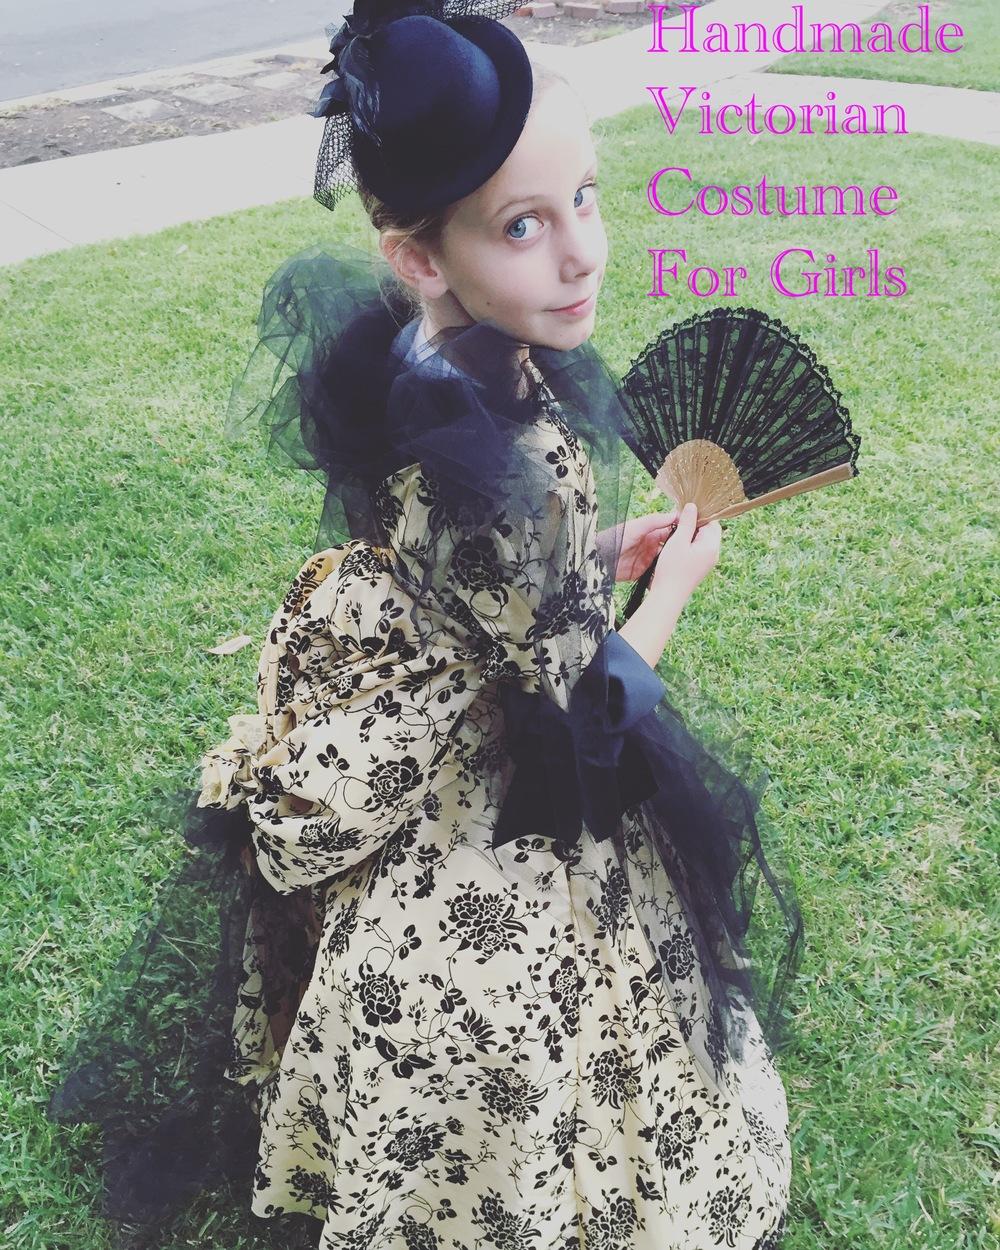 Handmade Costume.jpg